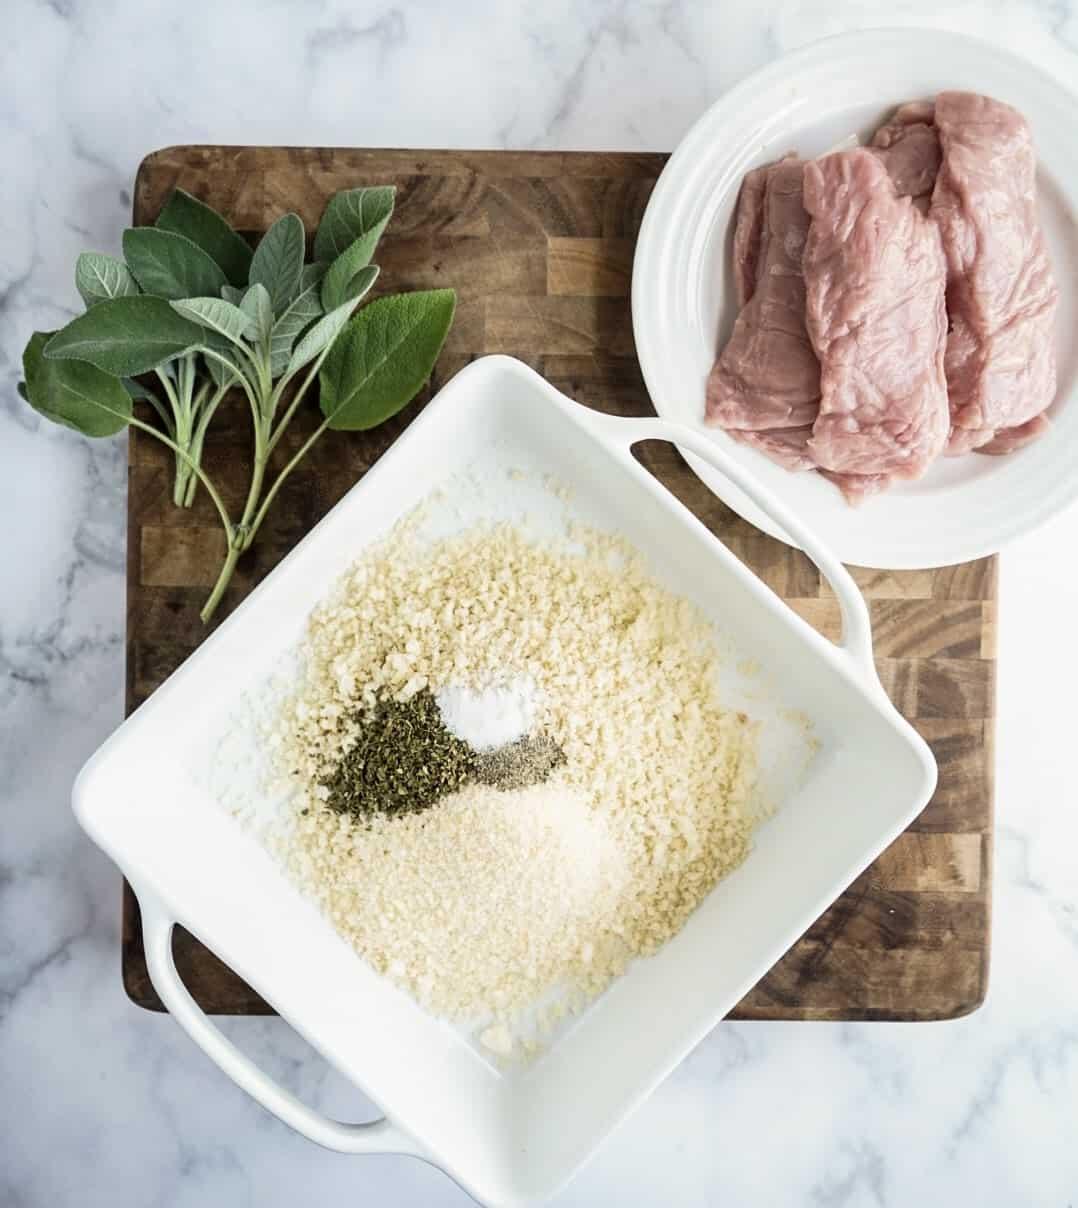 saltimbocca milanese ingredients on cutting board